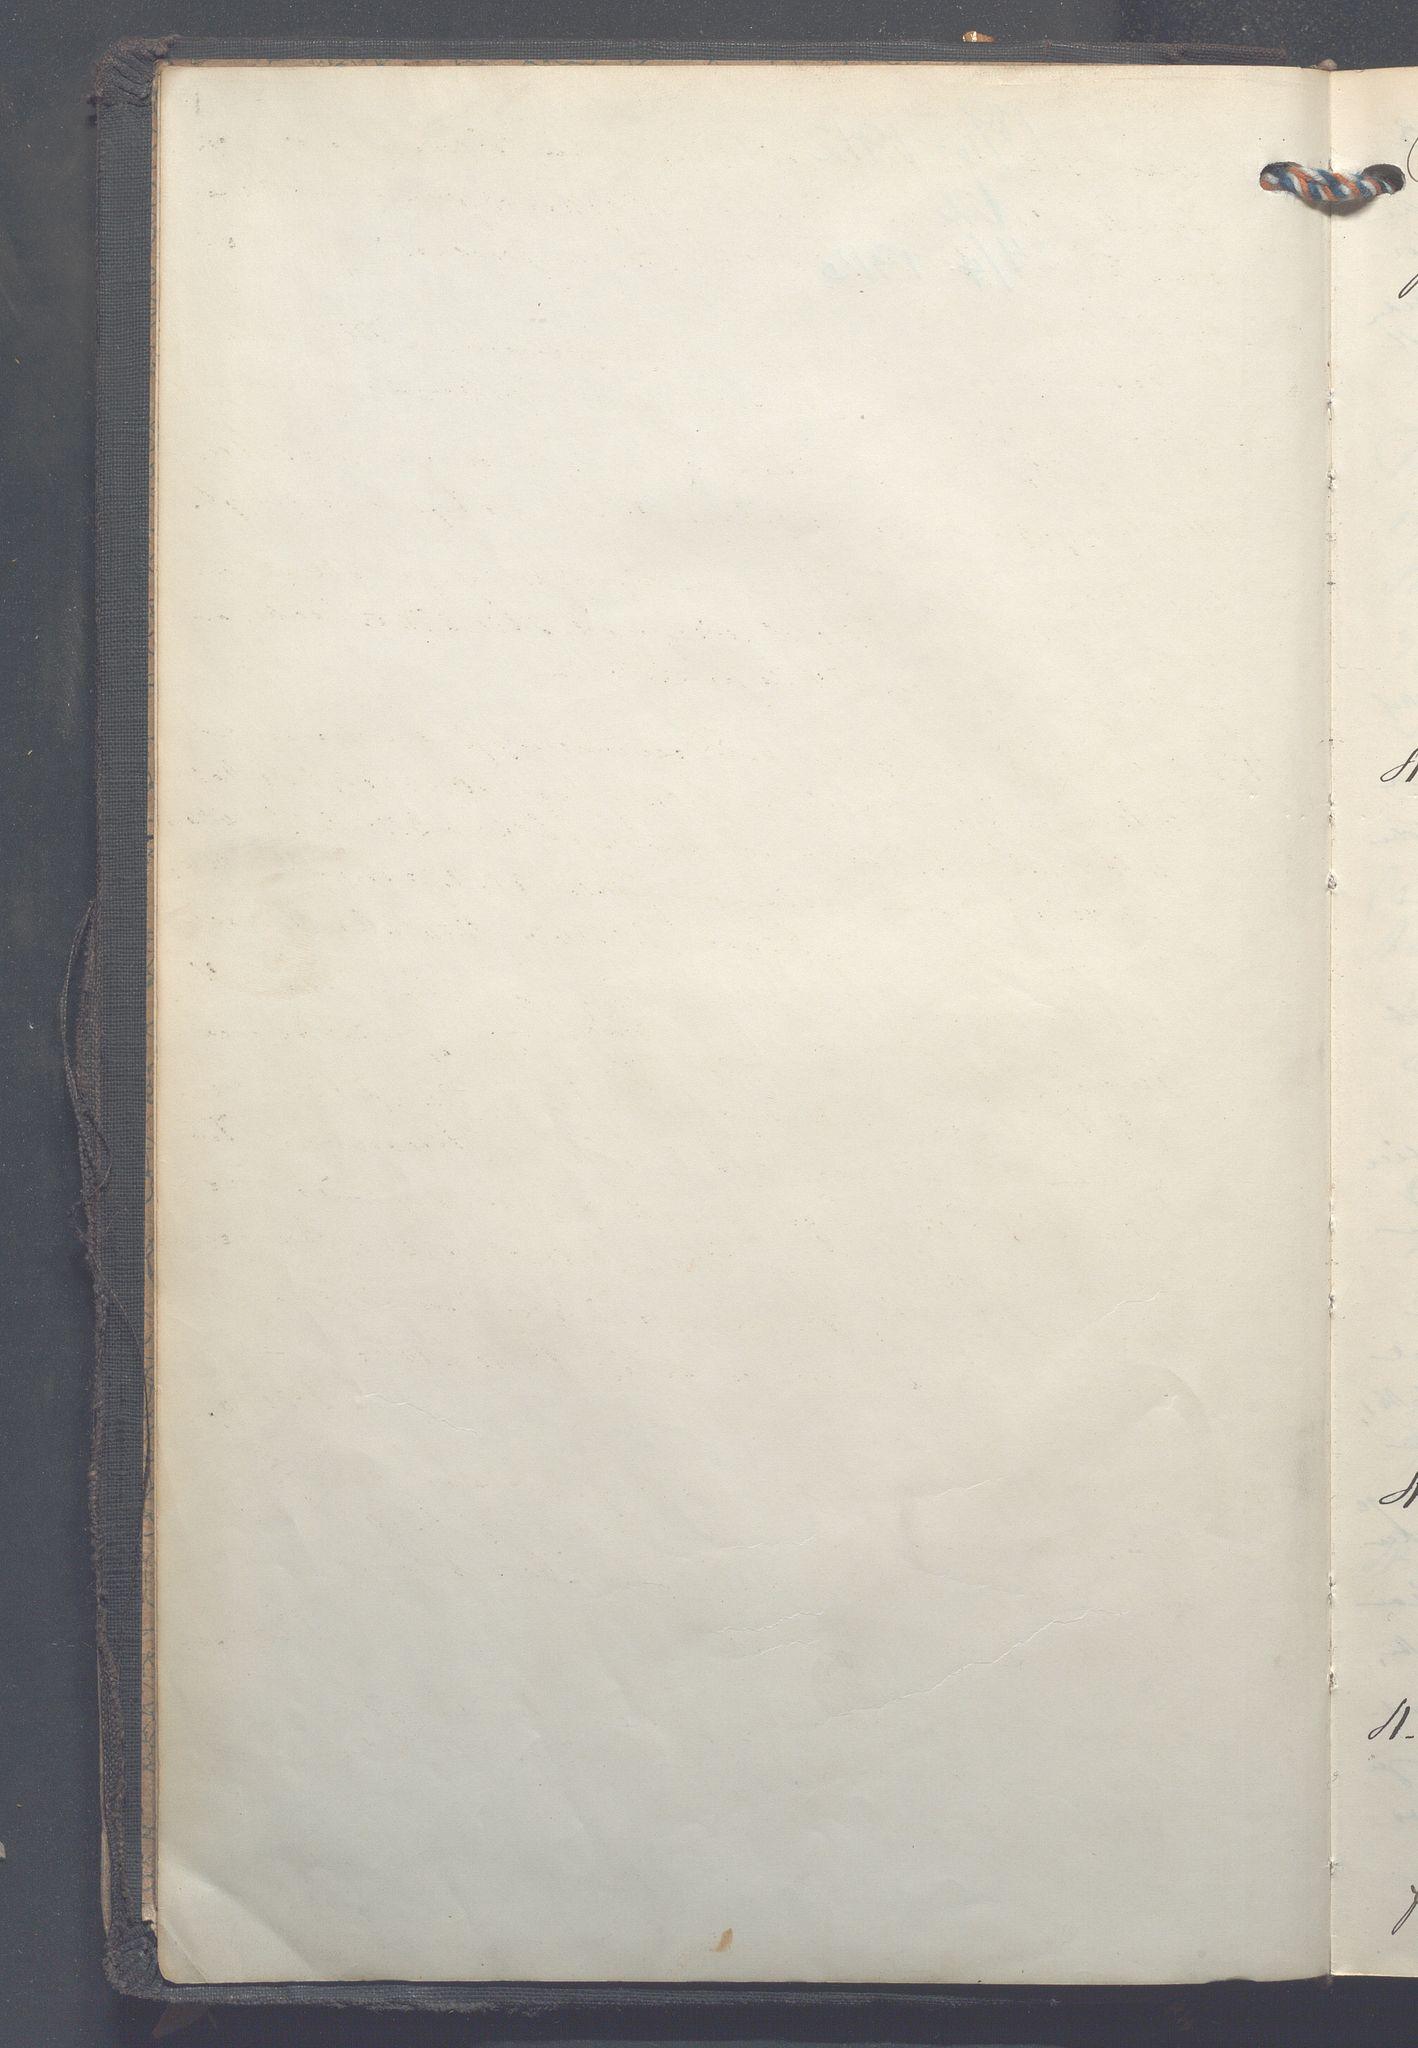 OBA, Lensmennene i Aker, F/Fc/L0013: Branntakstprotokoll, 1912-1916